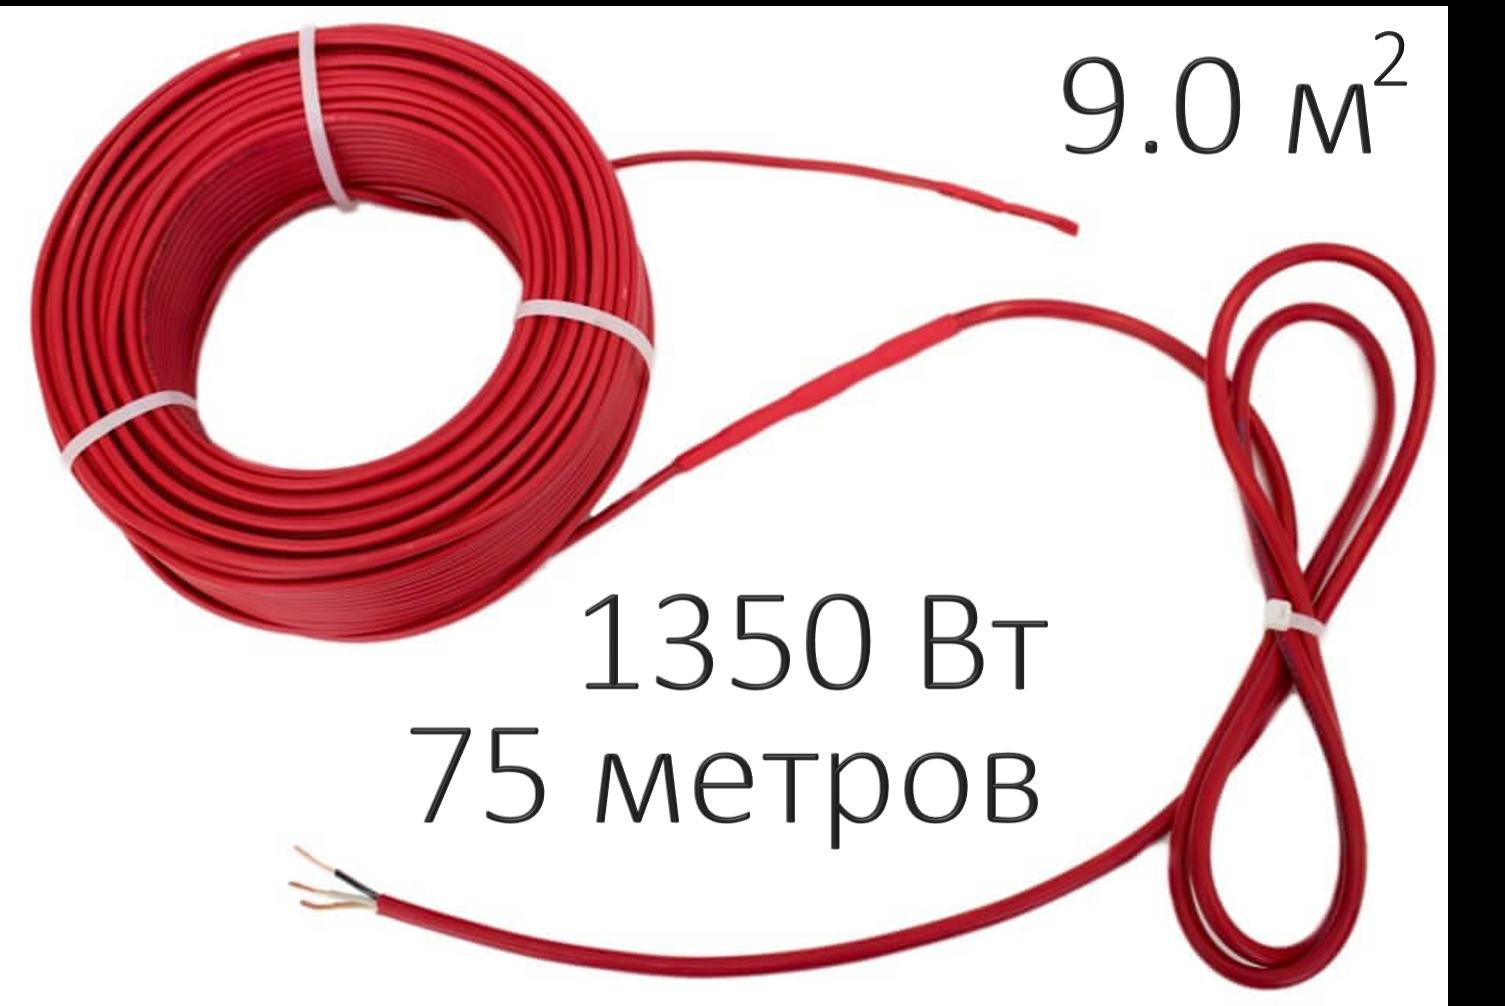 Кабельная нагревательная секция СТН КС-1350 (1,35 кВт, 75 пм)